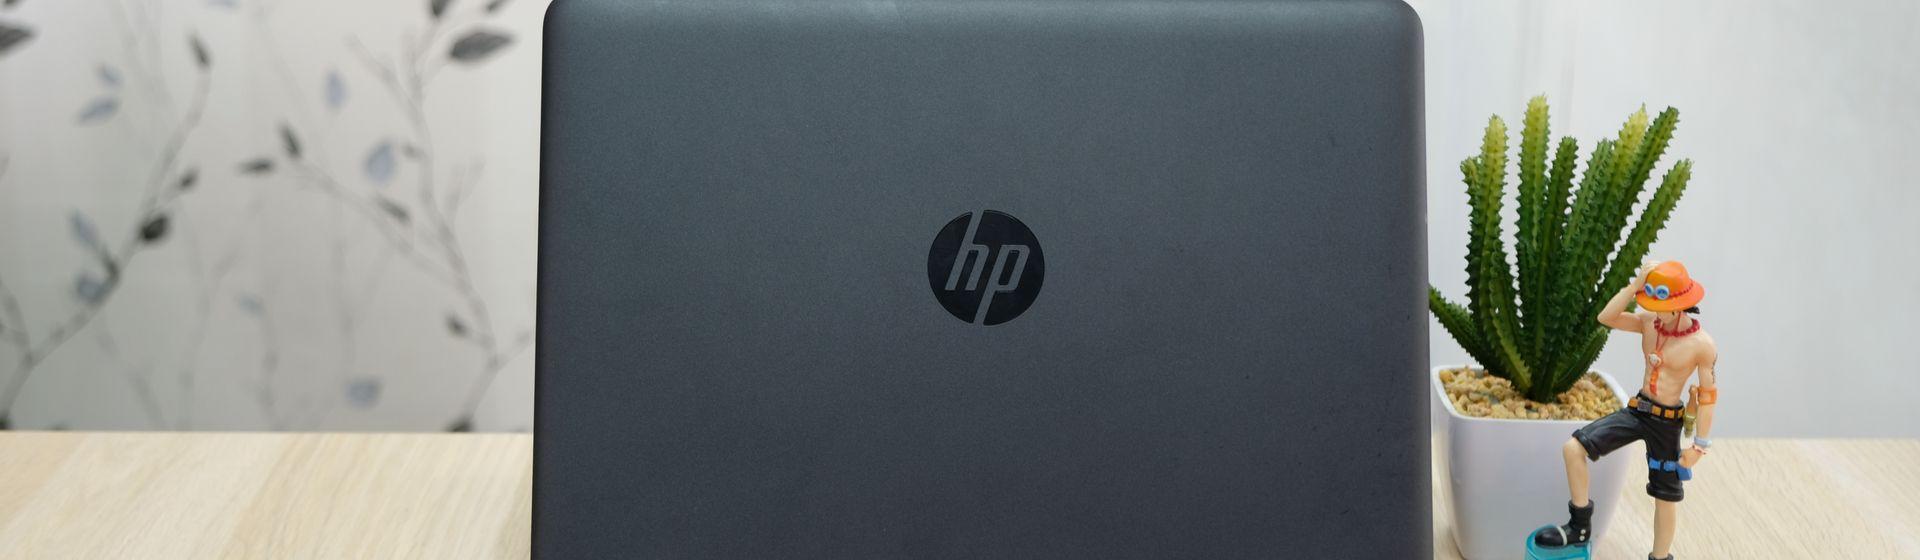 Melhor notebook HP: 6 modelos para comprar em 2021